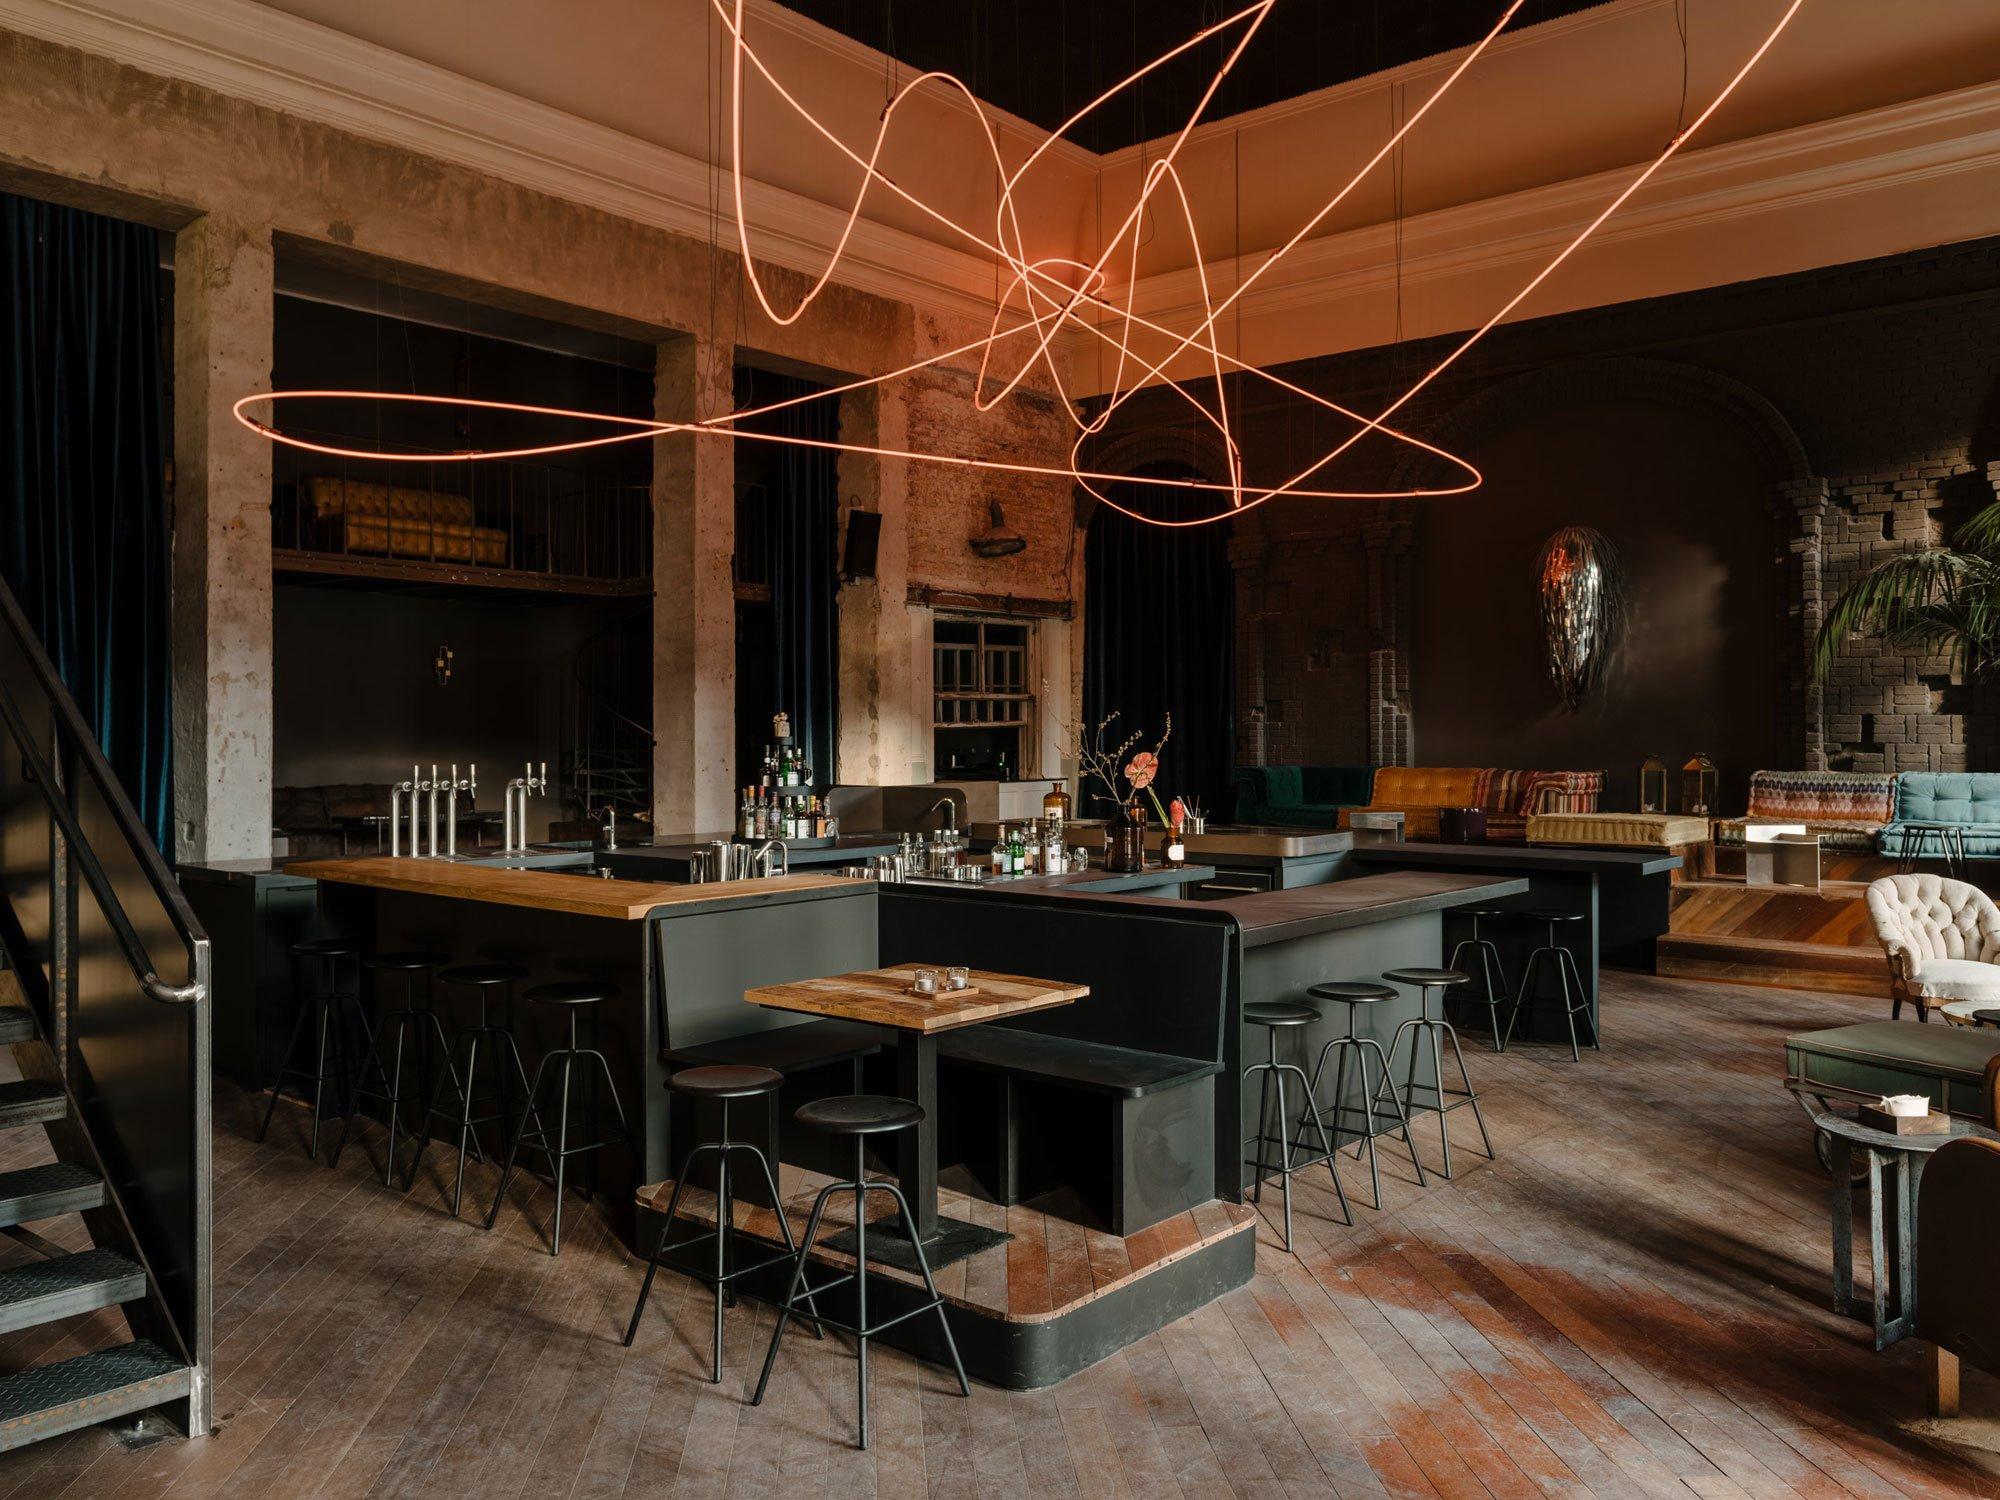 Wilde Berliner Mischung: Das Kink ist Restaurant, Bar, kulinarisches Labor und Club in einem. Unter acht Meter hohen Decken treffen Vintage-Möbel und Kunstwerke zusammen. Foto:Robert Rieger